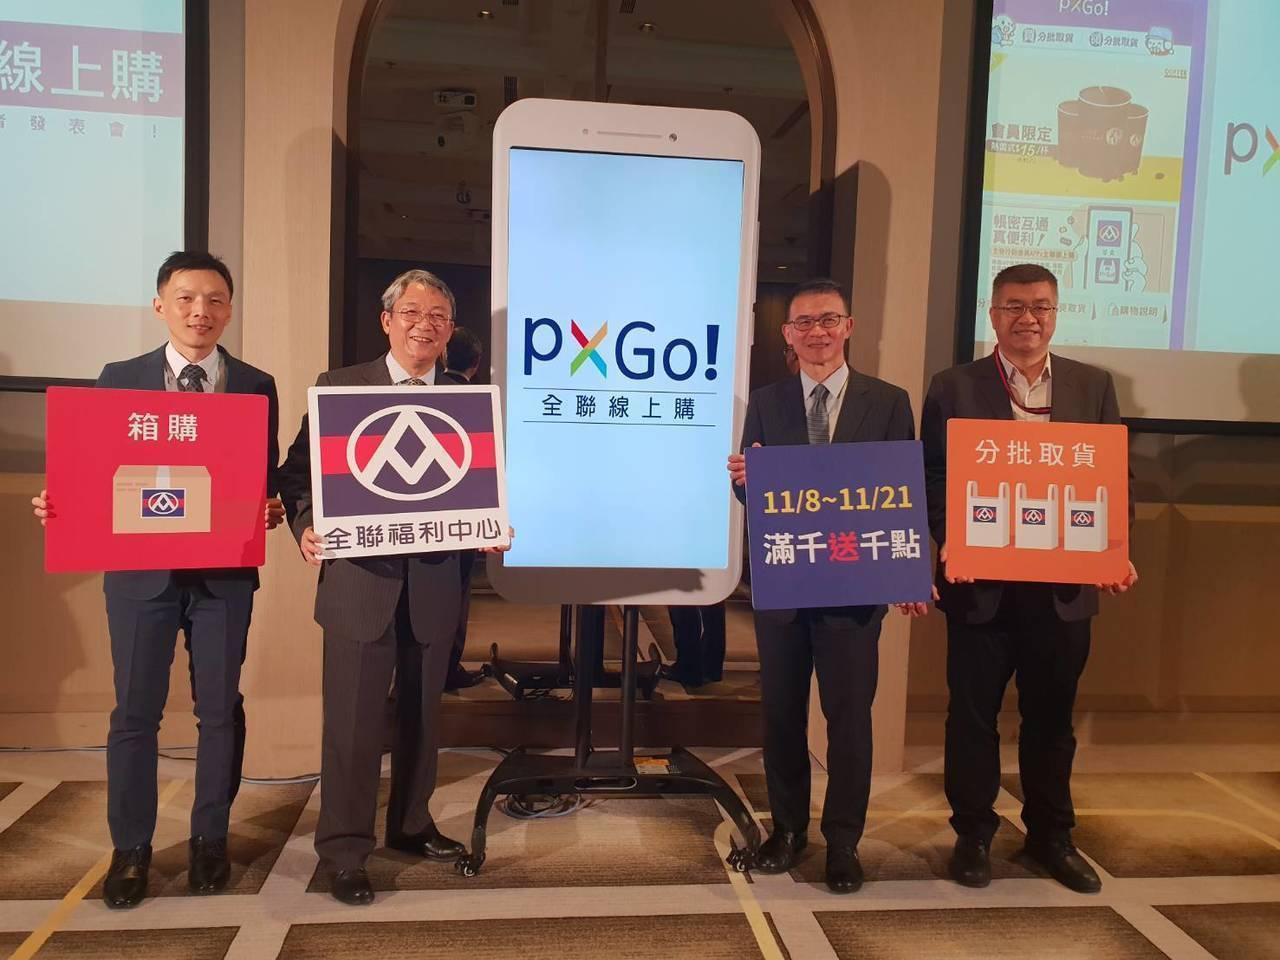 即日起至21日止,使用PXGo Pay於全聯購物滿千元即加贈1000福利點。圖片...